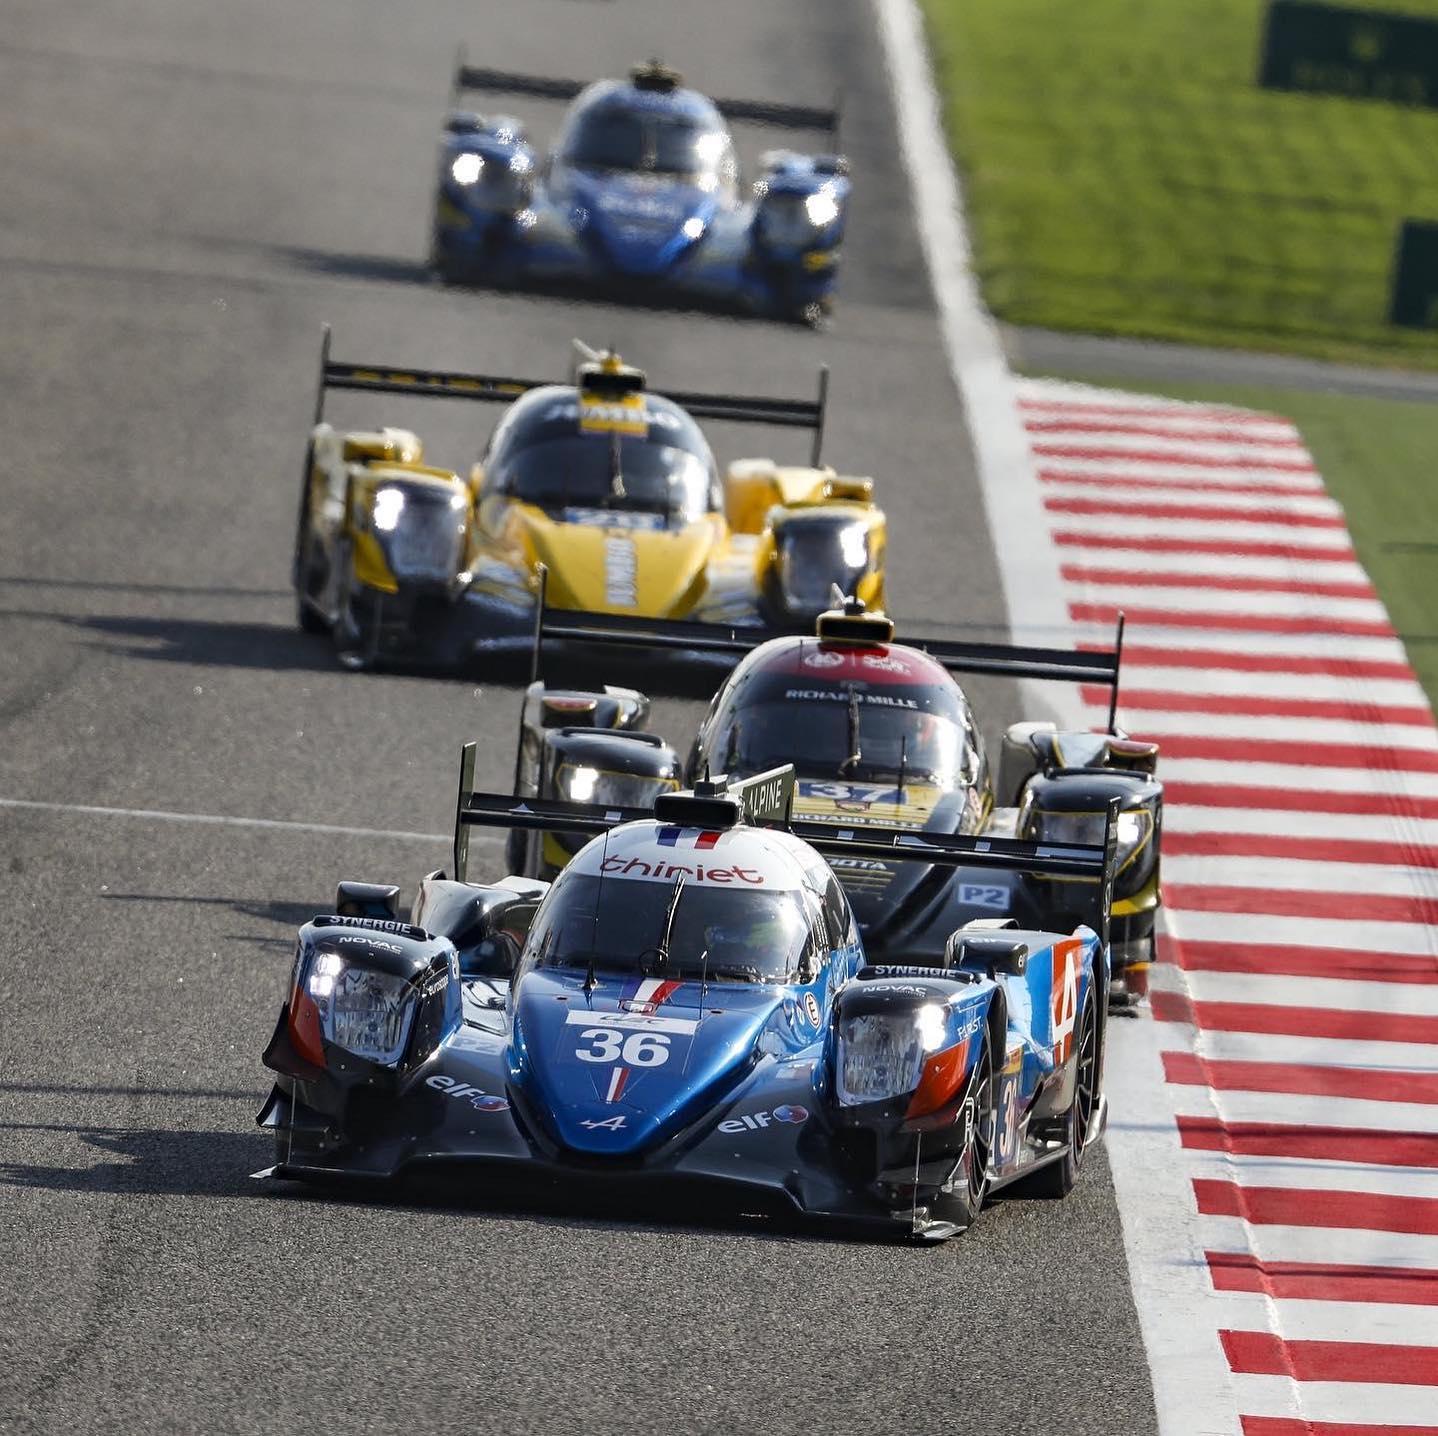 Signatech Alpine A470 Laurent Ragues Negrao Bahrein WEC 2020 LMP2 18 | Signatech Alpine atteint la 5ème place à Bahreïn